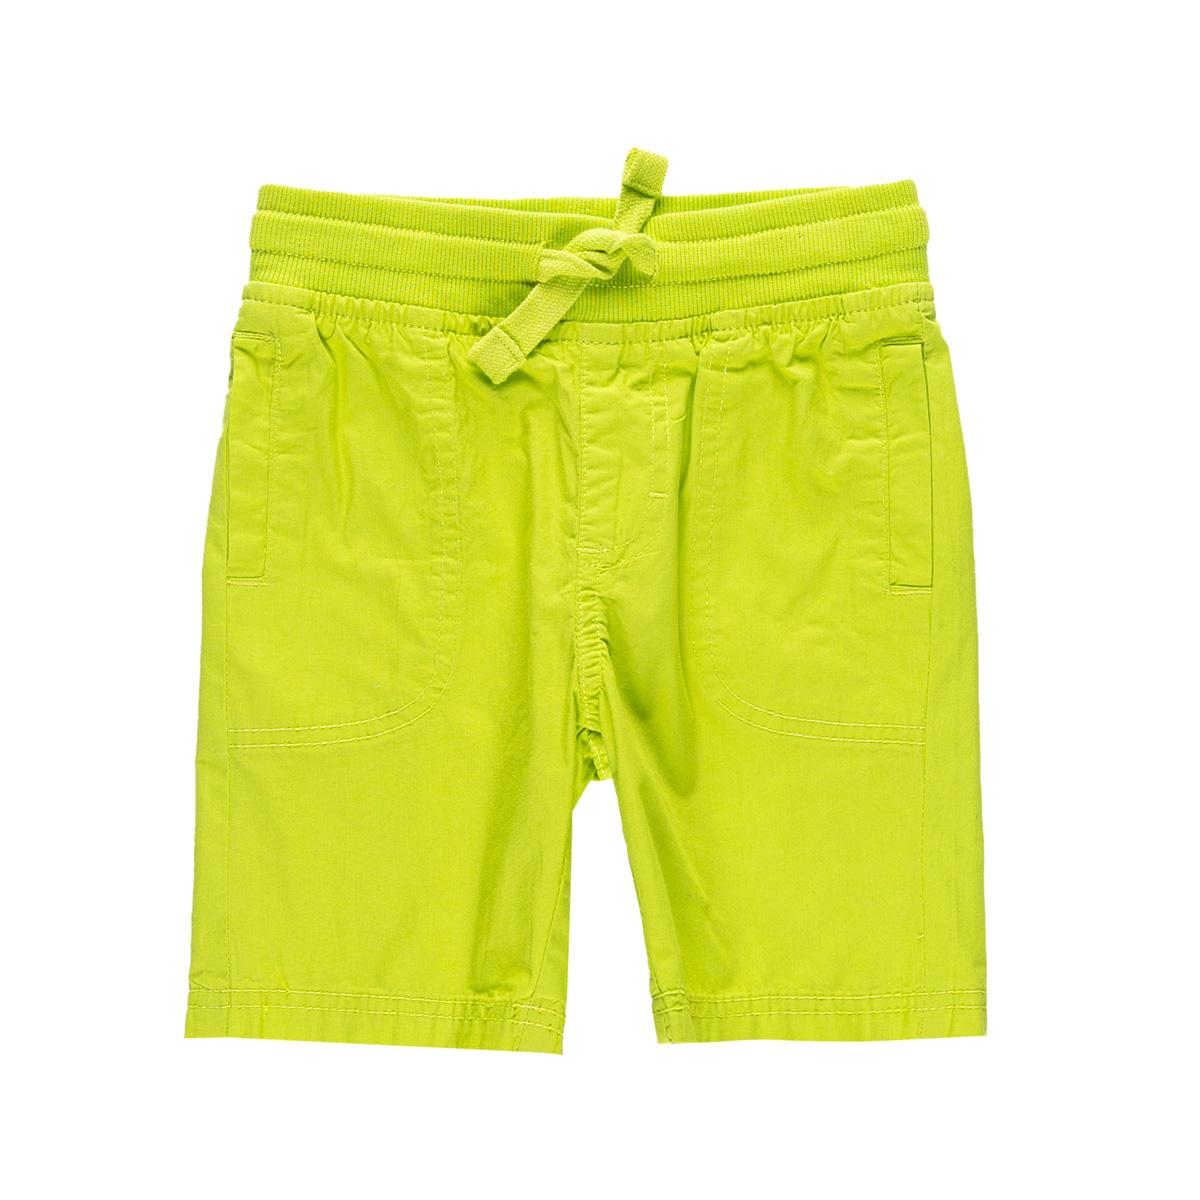 Fantovske hlače, svetlo zelena